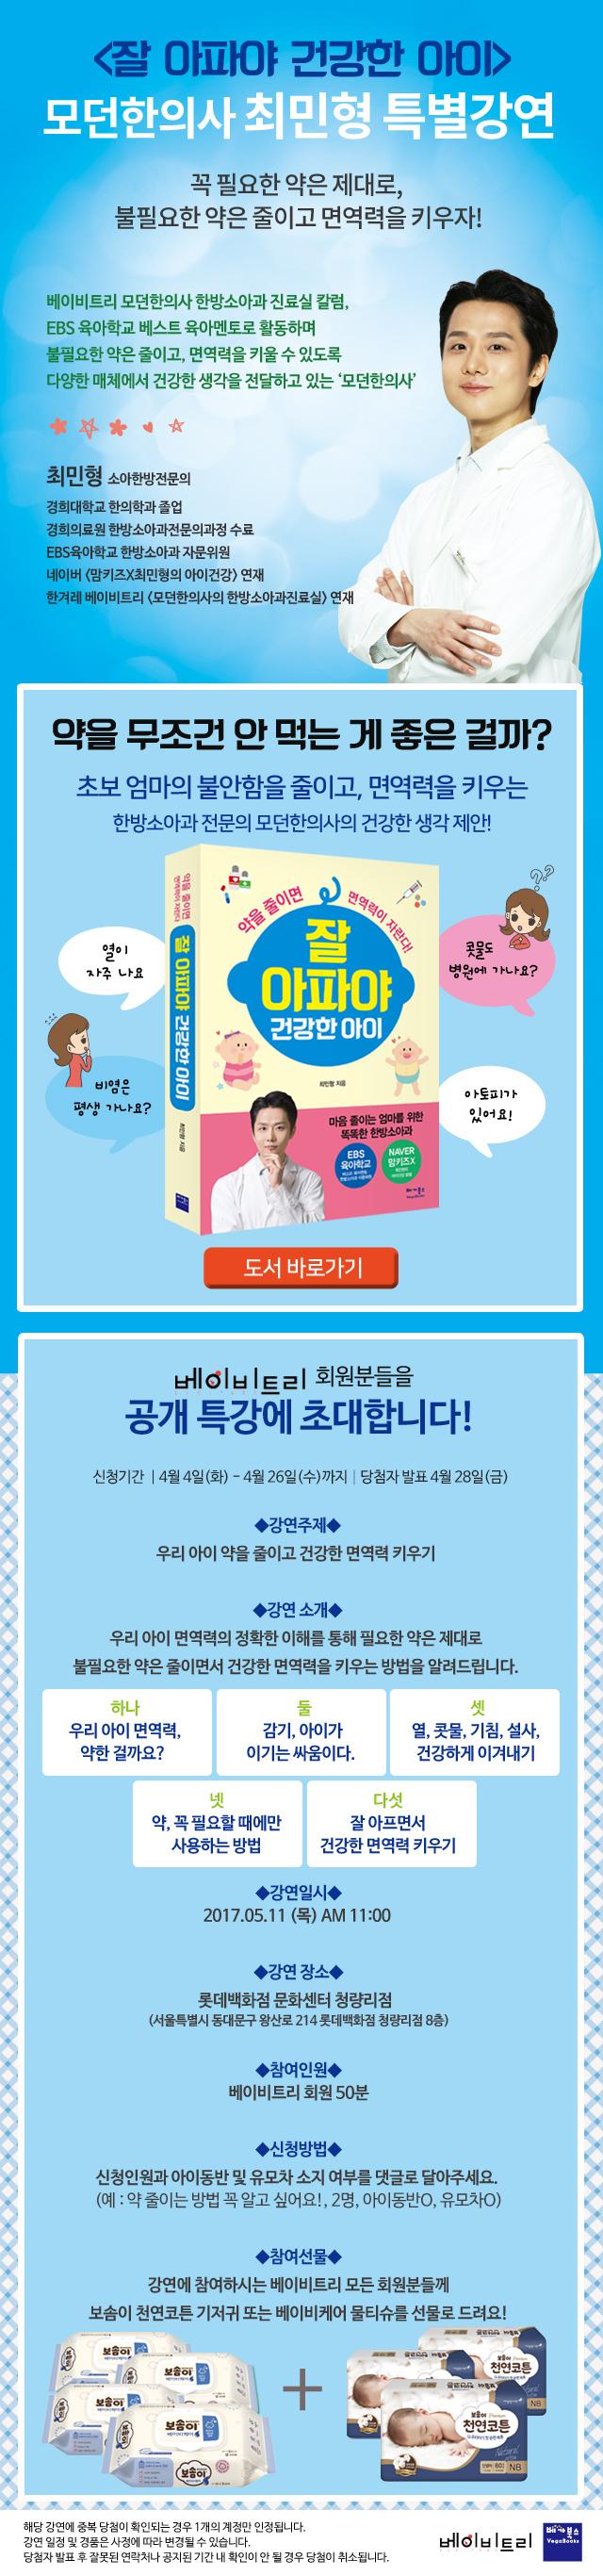 최민형강연_최종.jpg